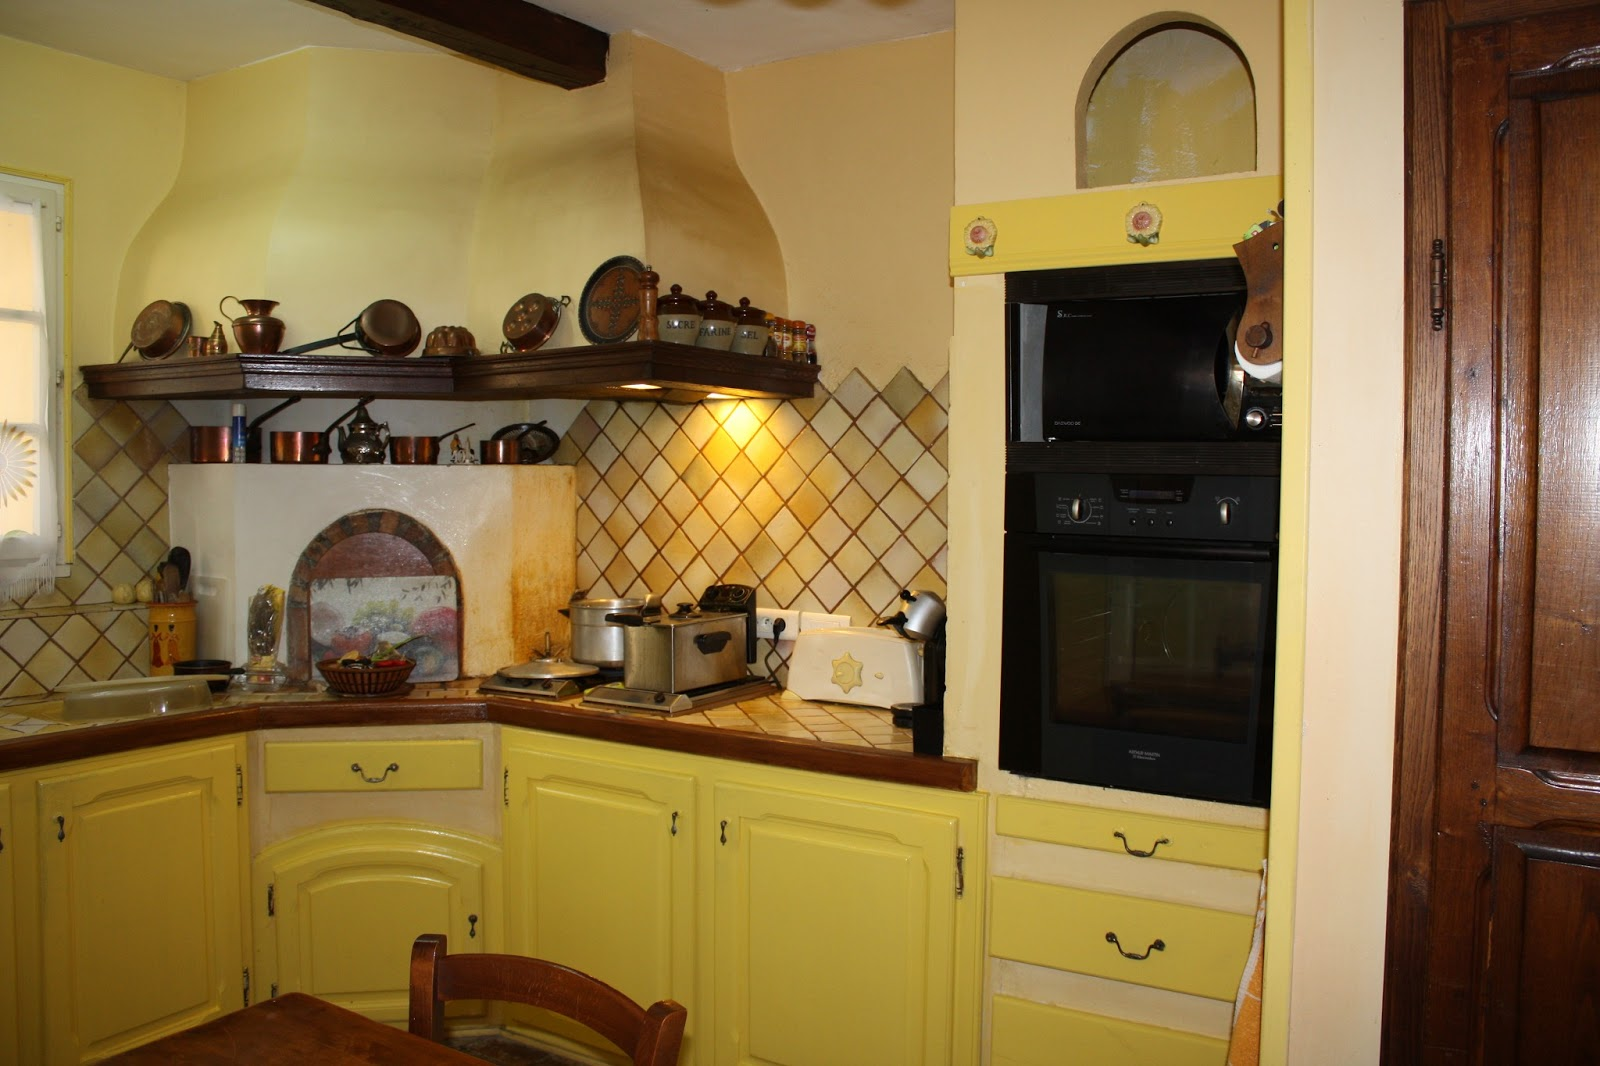 Changement de d cors la cuisine peinture mur et patine for Peinture porte cuisine